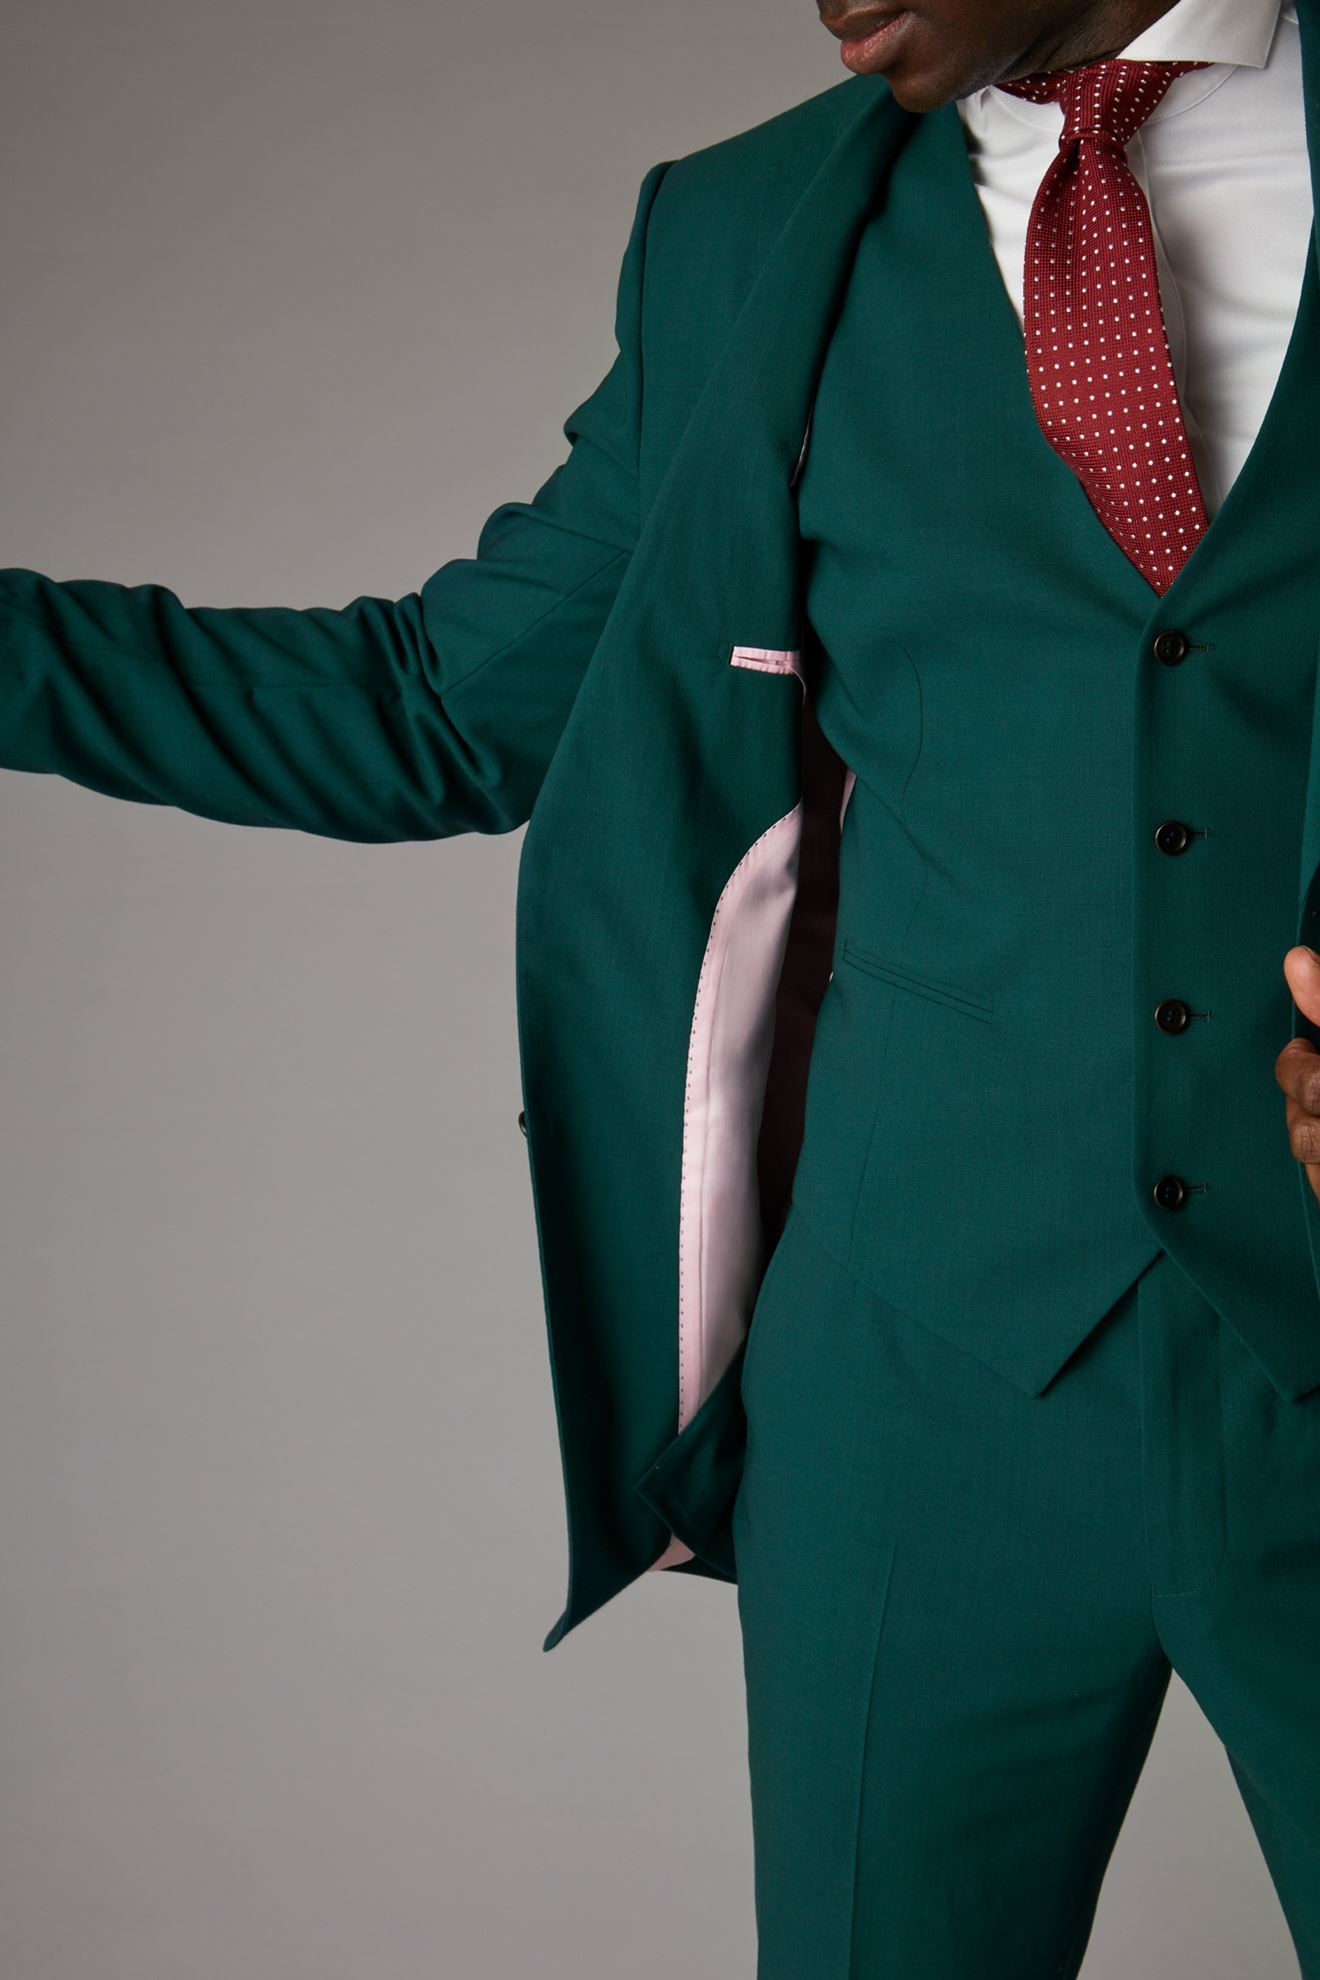 Green Jacket Detail